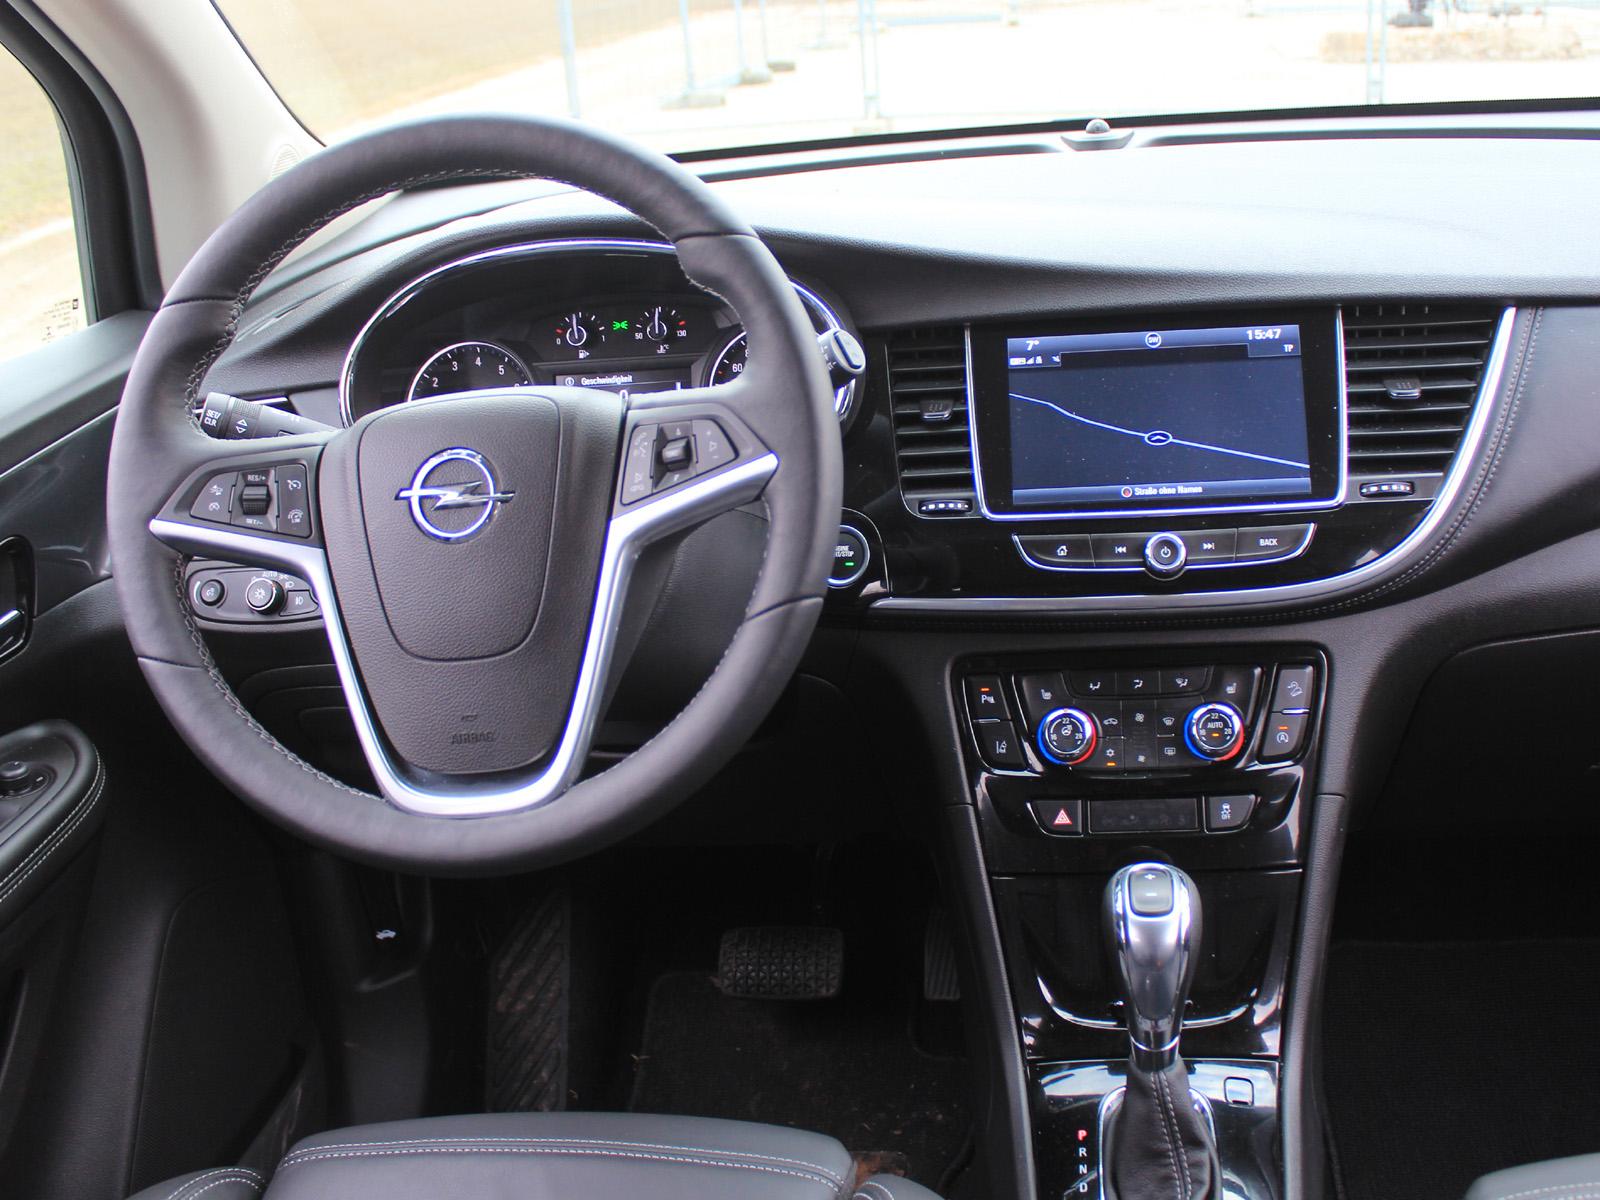 opel mokka x innovation 1,4 turbo – testbericht – autoguru.at